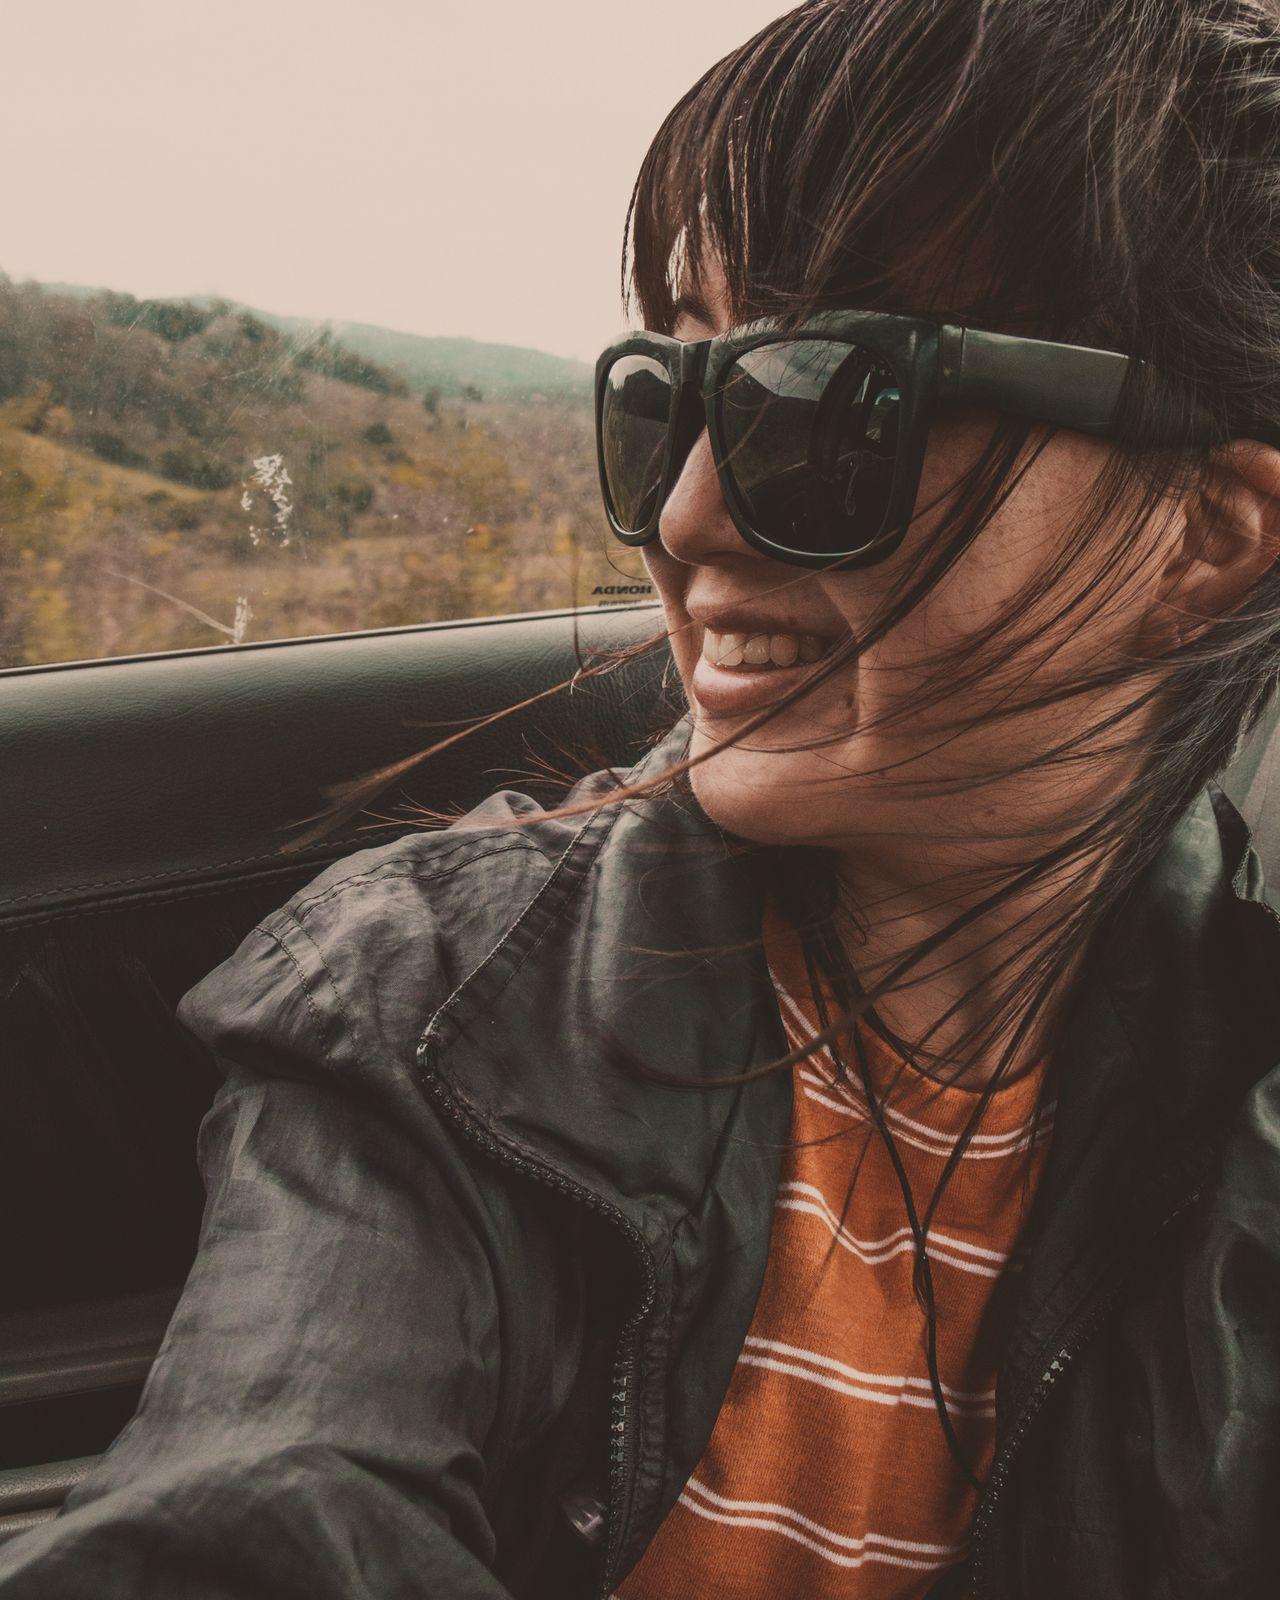 garota observando paisagem no carro